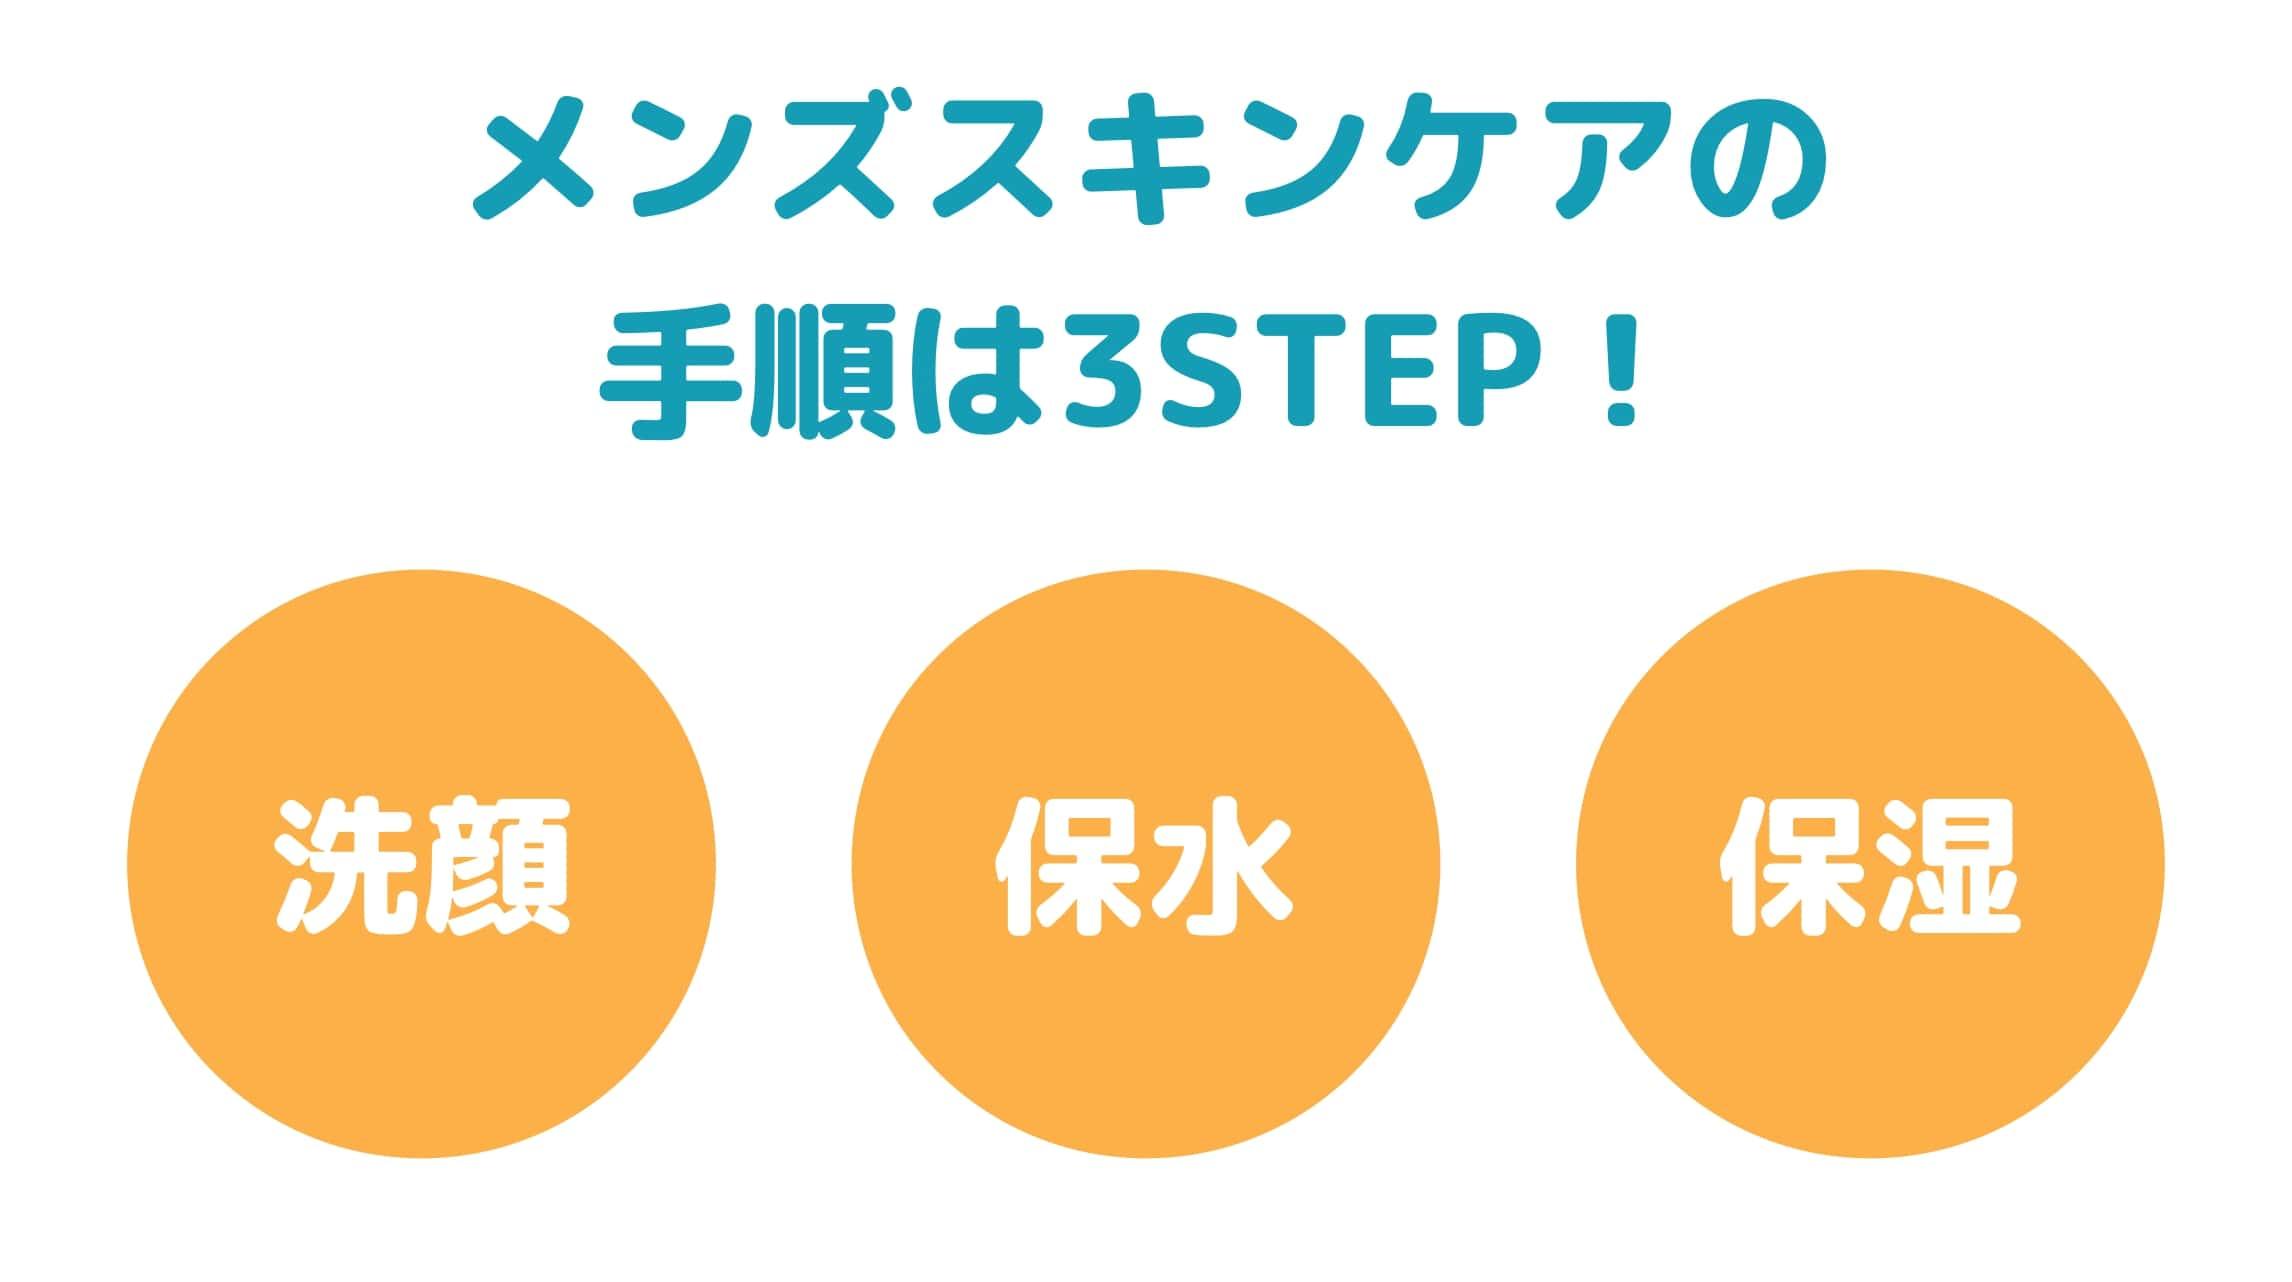 【簡単】メンズスキンケアの基本手順は3STEP